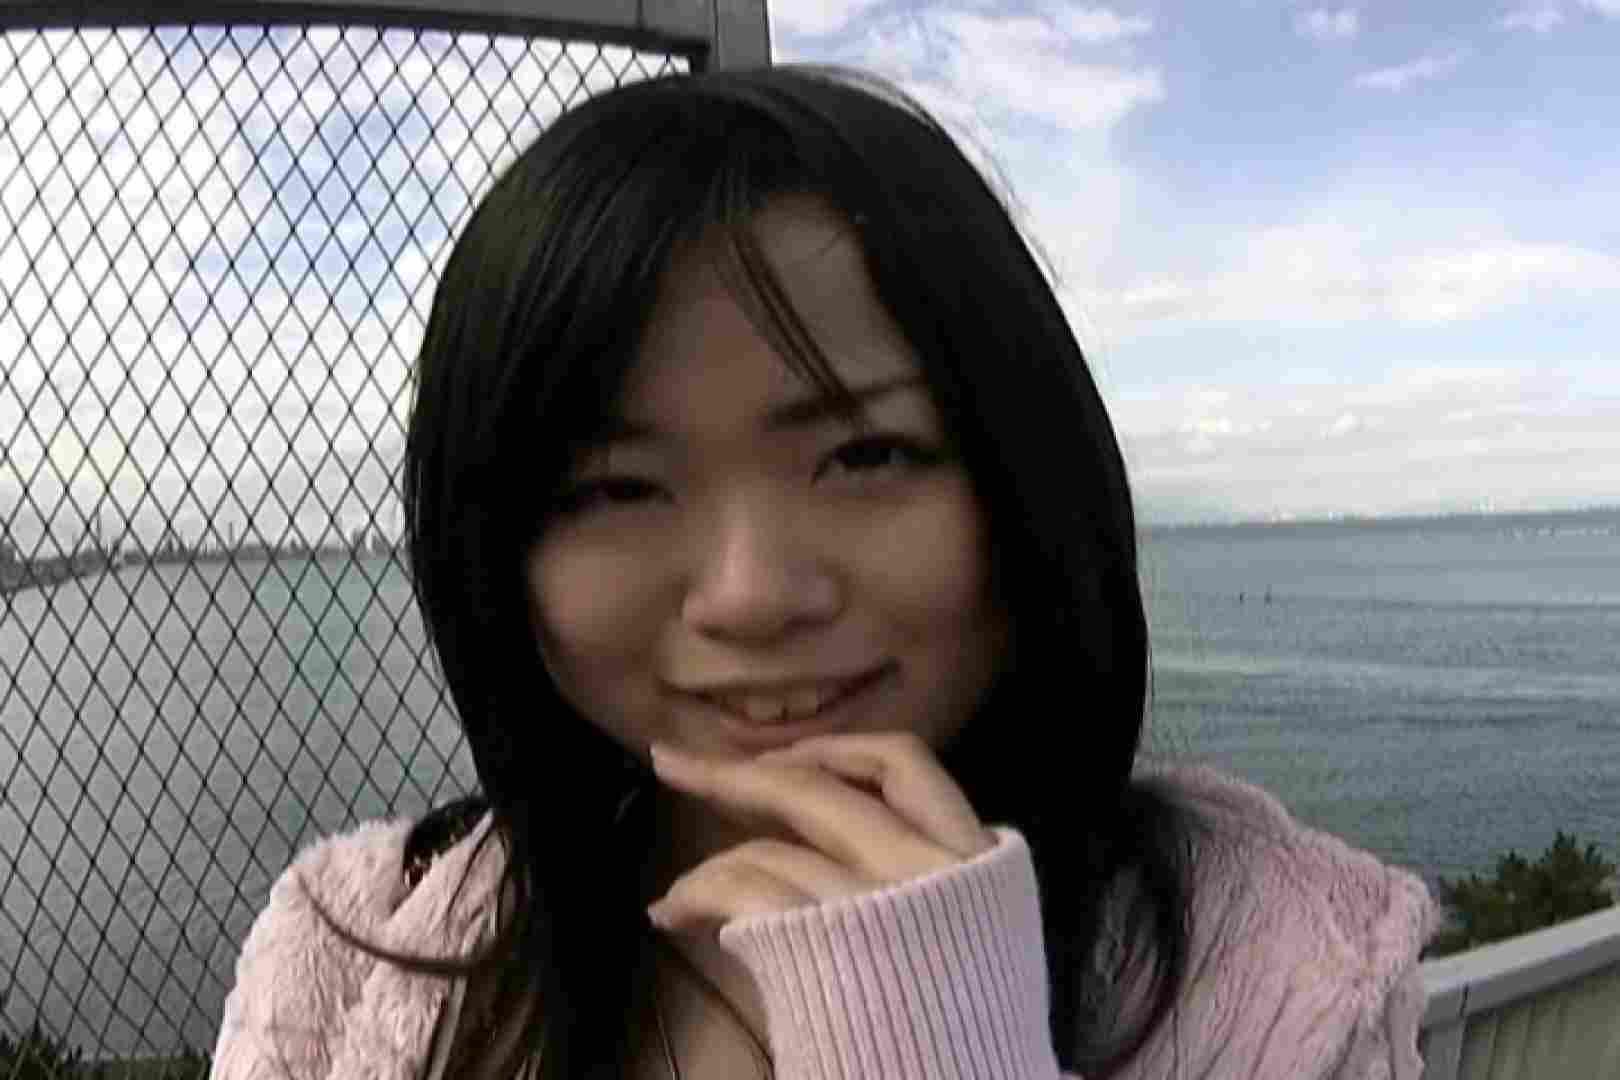 素人嬢がAV面接にやって来た。 仮名ゆみvol.2 エッチなOL AV動画キャプチャ 86pic 74